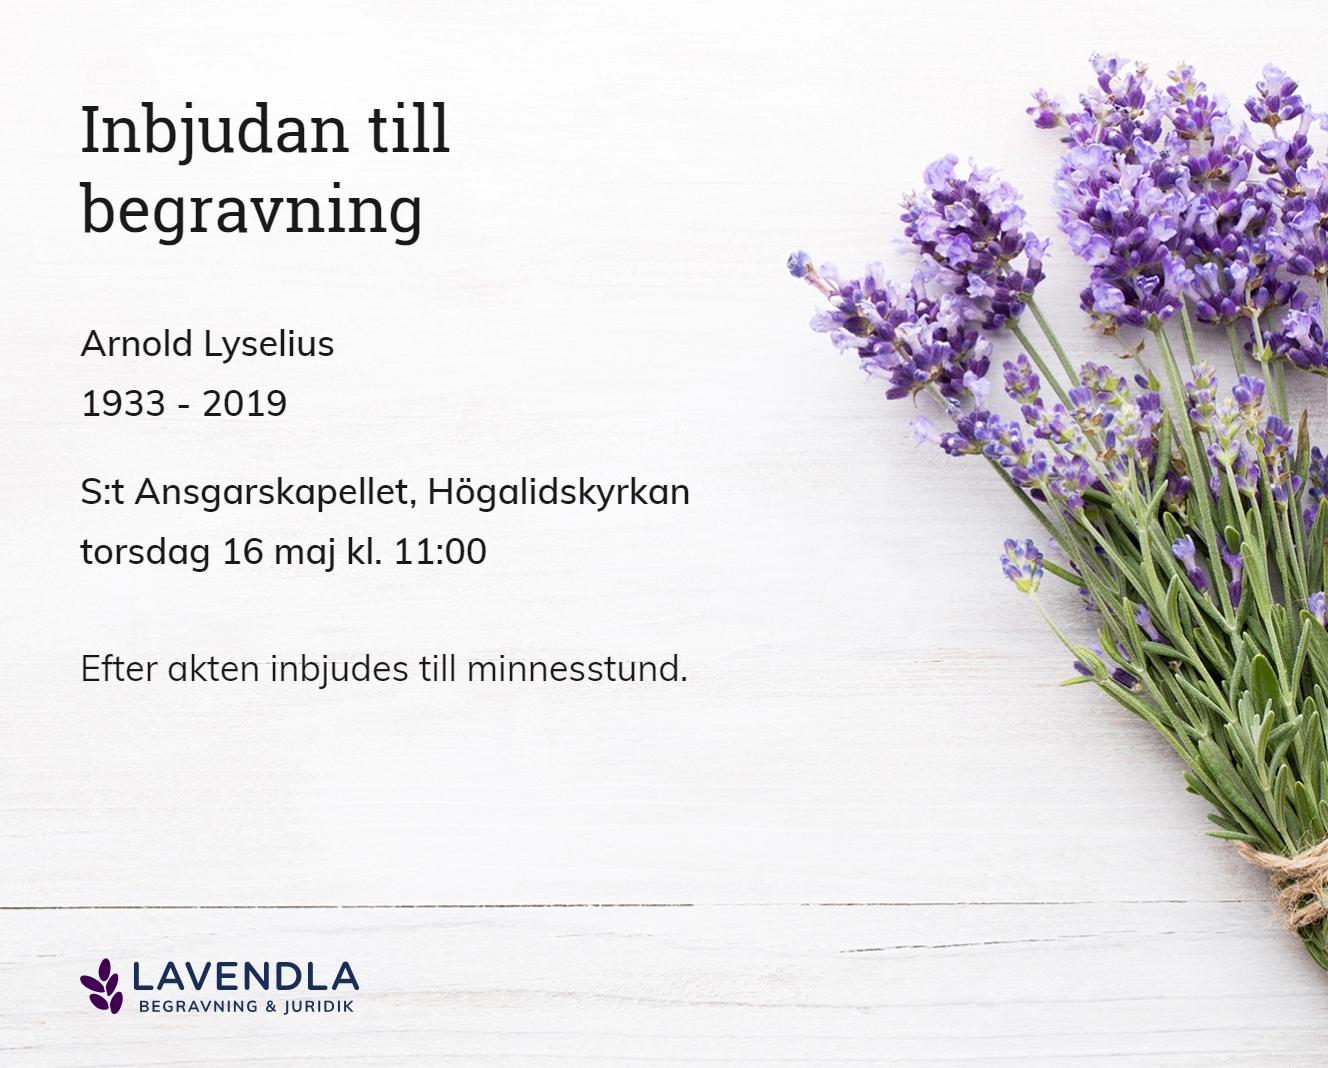 Inbjudningskort till ceremonin för Arnold Lyselius